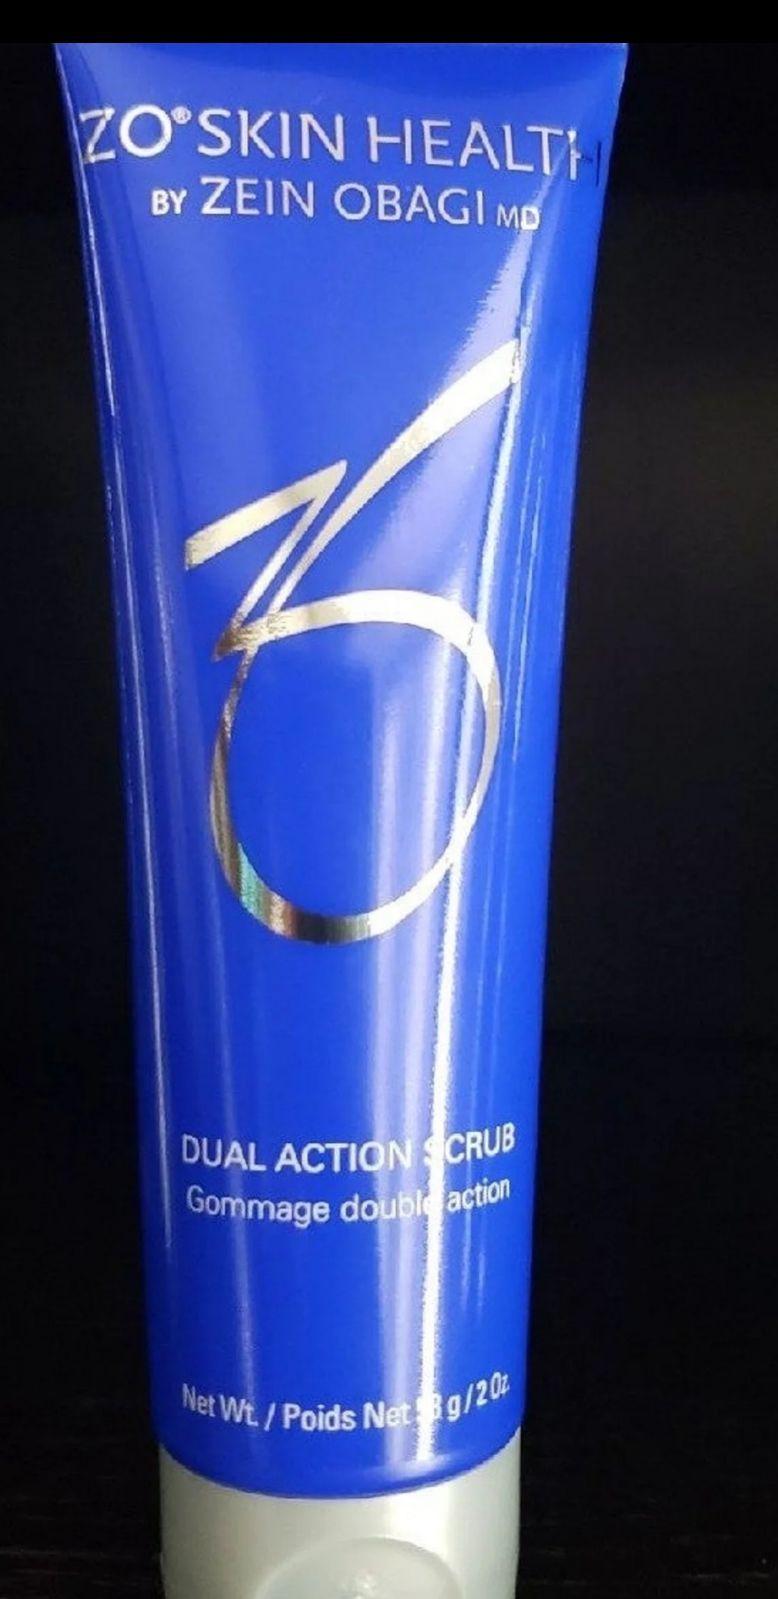 Zo skin health dual action scrub 2oz New without box